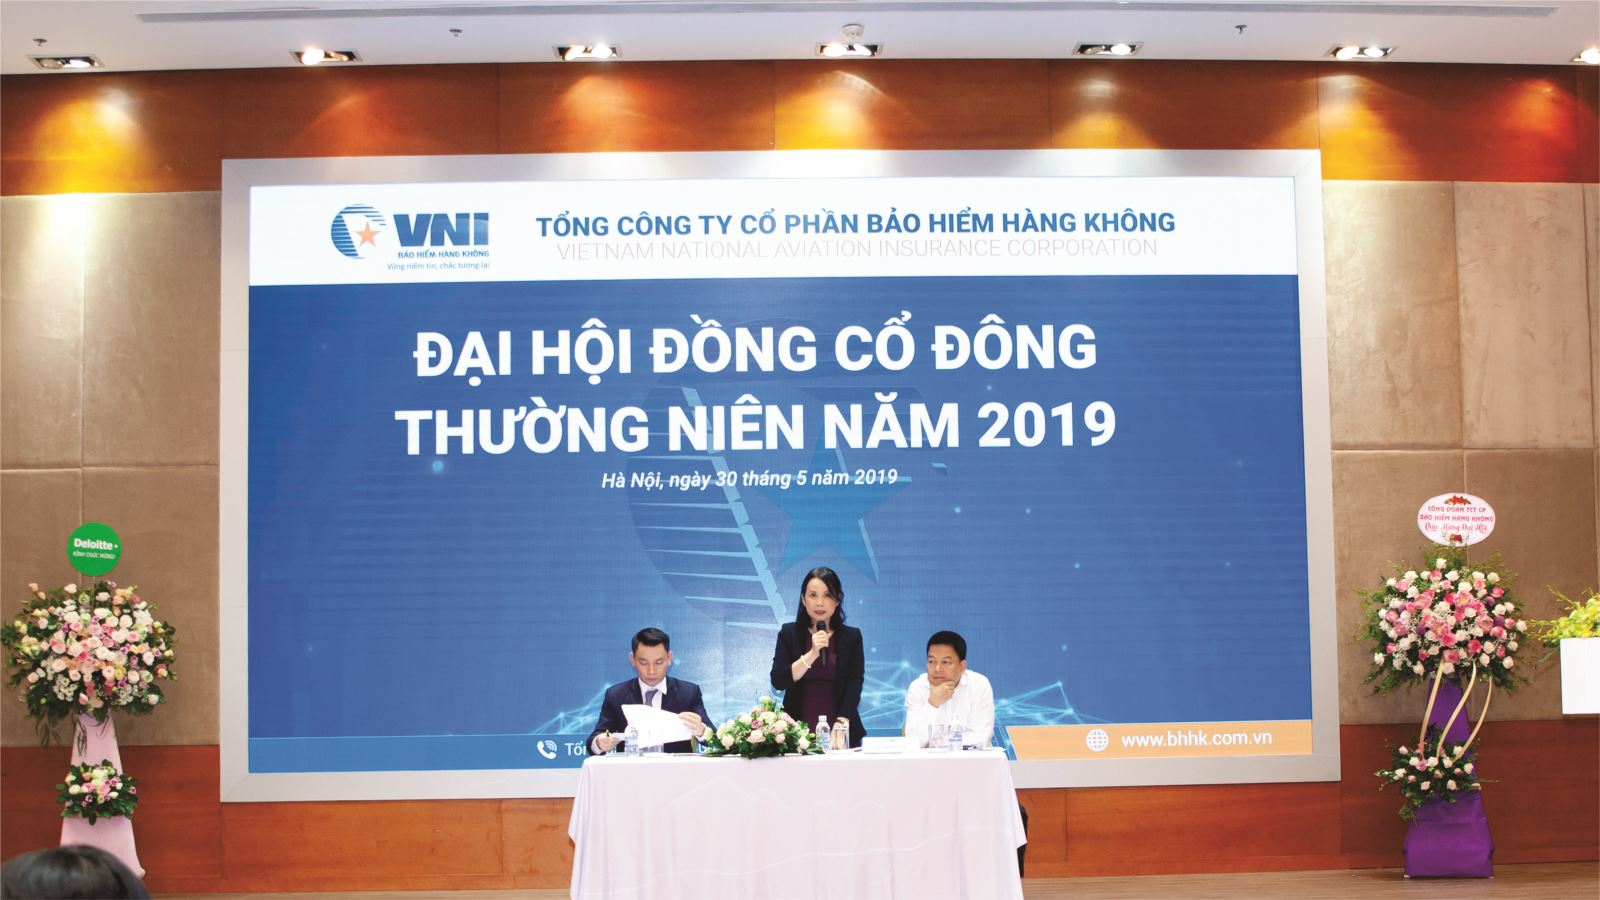 VNI tổ chức Đại hội đồng cổ đông thường niên 2019 - Mục tiêu tổng doanh thu đạt 1.550 tỷ đồng